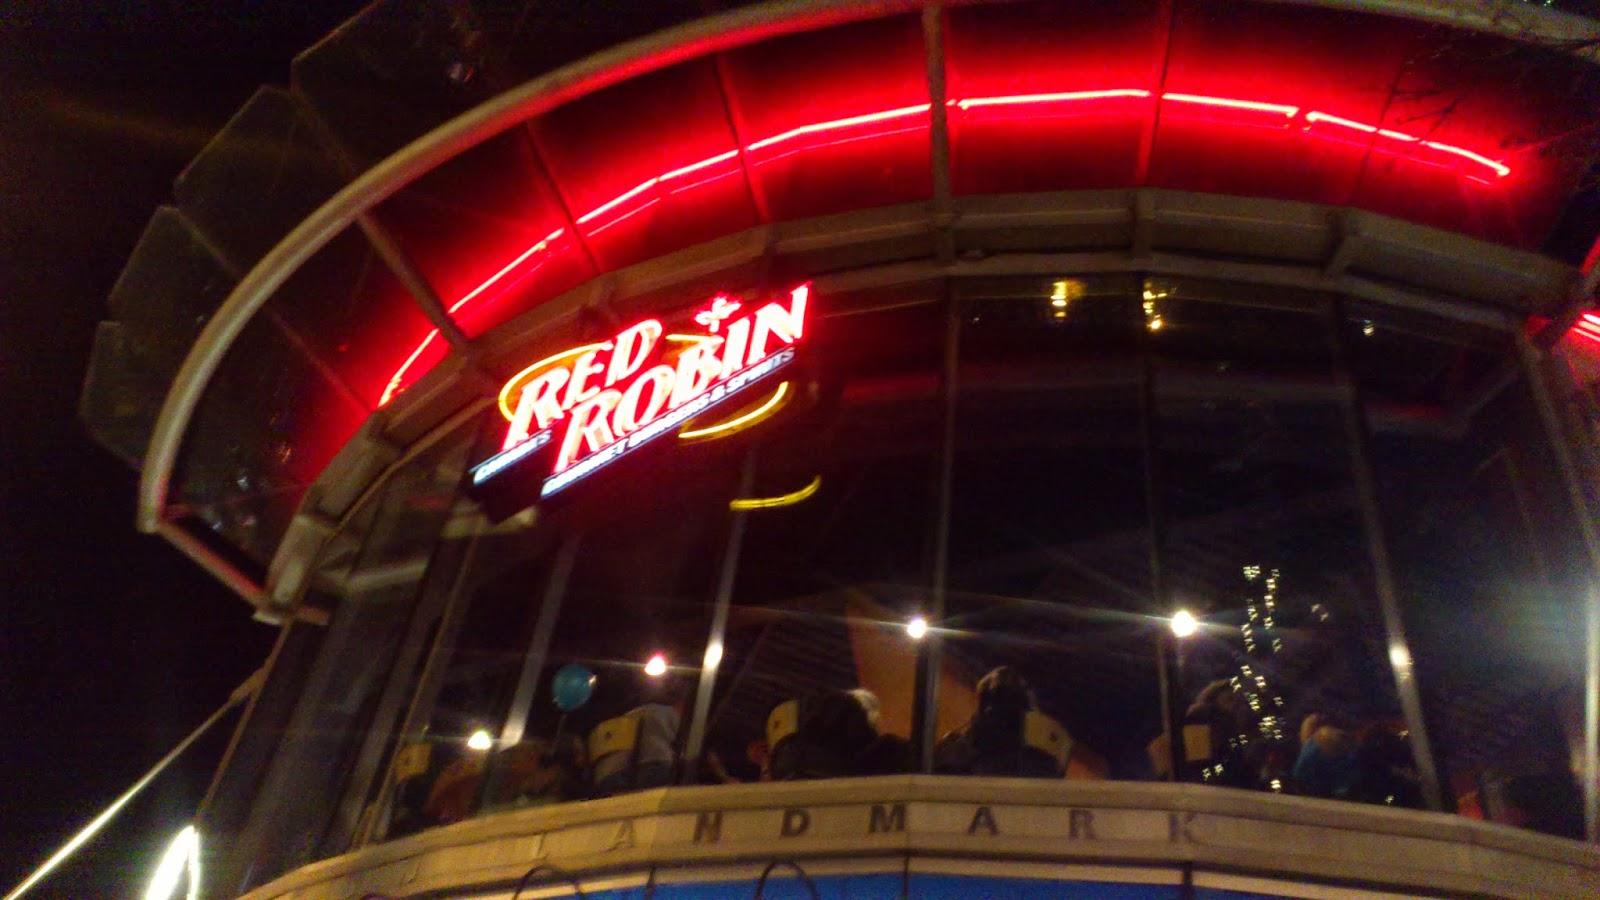 Vancouver's Best Restaurants, Ranked